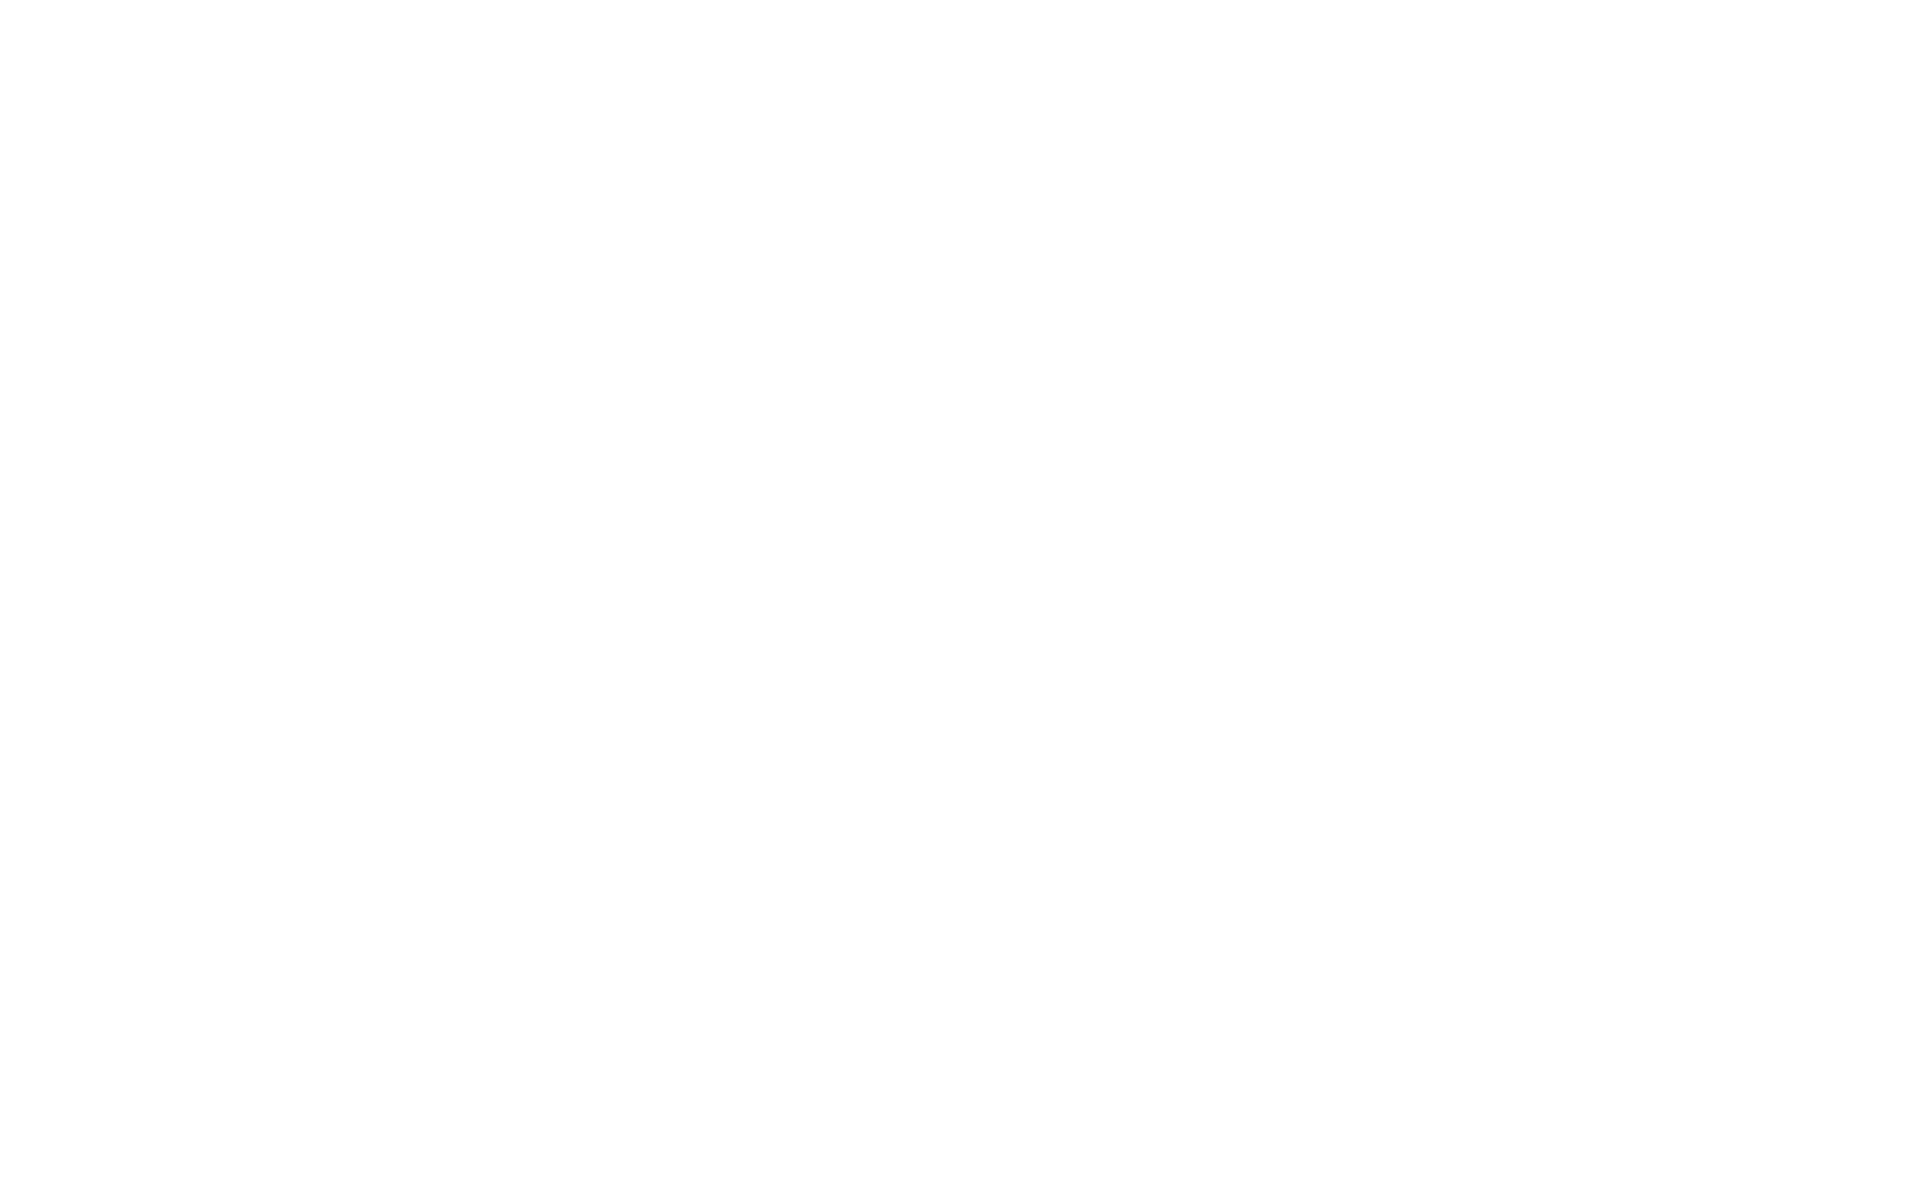 City of Belen Facebook